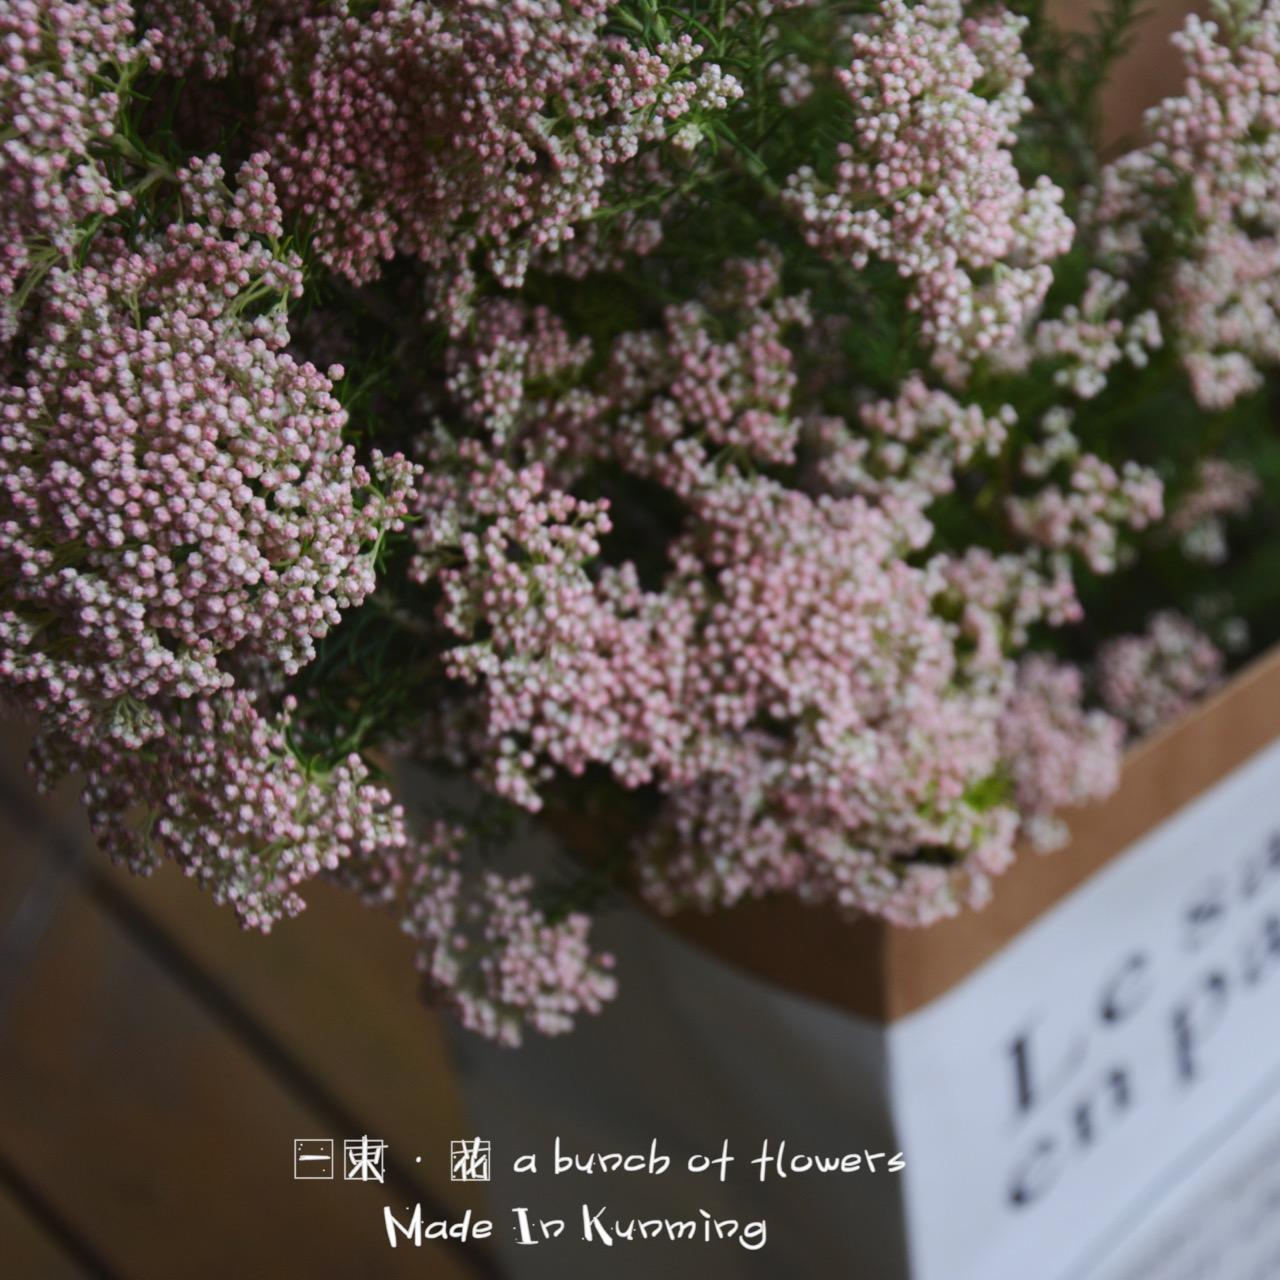 Романтическая вишня рисовая сторона цветок сухие цветы природный высушенный один литература и искусство цветочная композиция нордический ветер стрельба реквизит с цветами